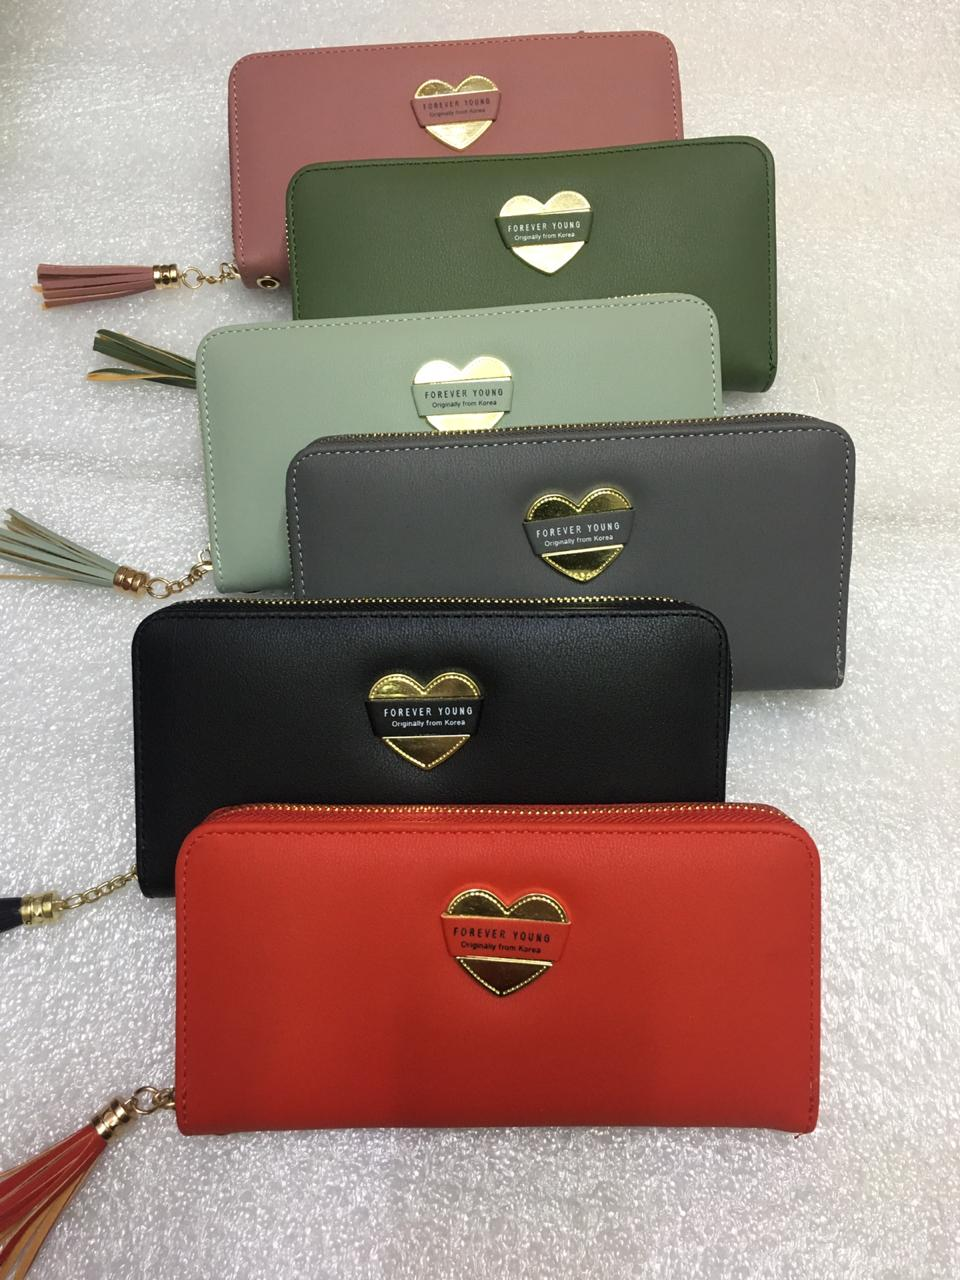 103fc48068f6 Кожгалантерея оптом (сумки, клатчи, портмоне, визитницы, кошельки, обложки  на документы)